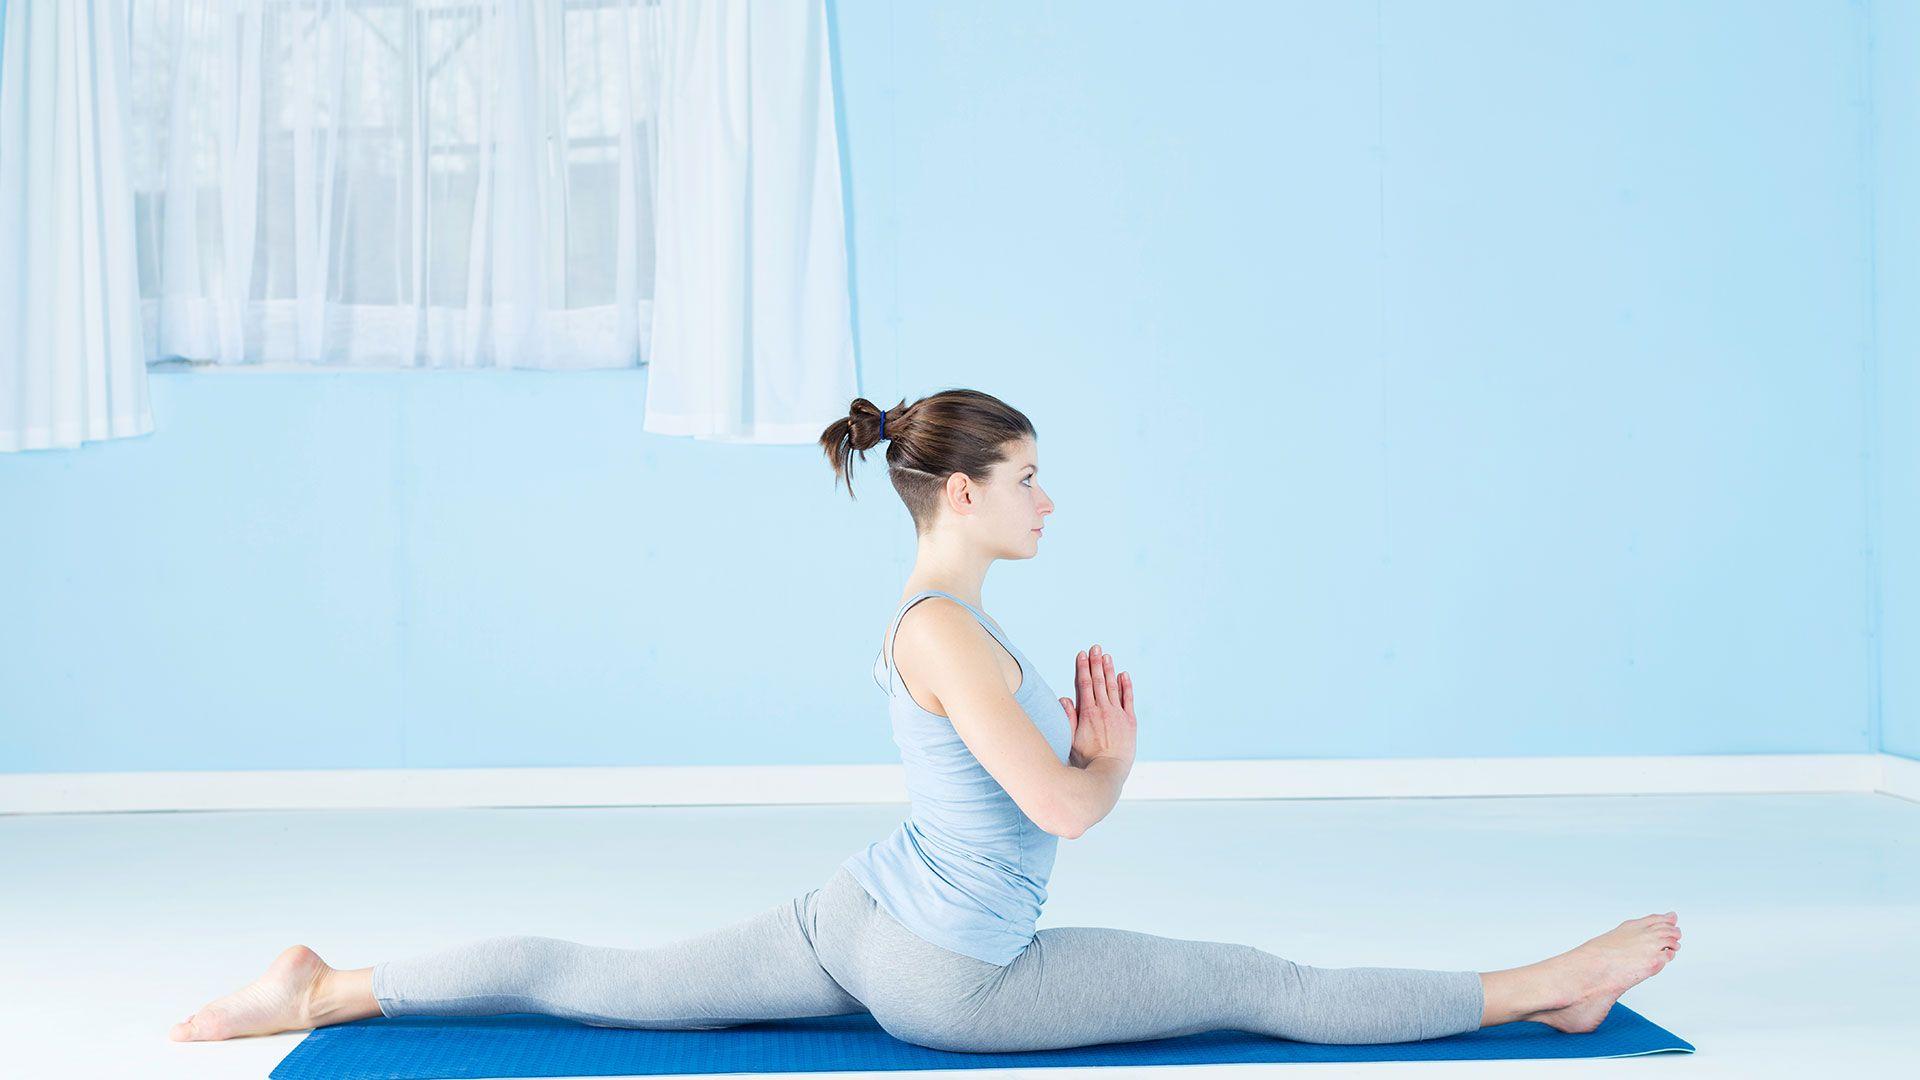 Йога для похудения активная